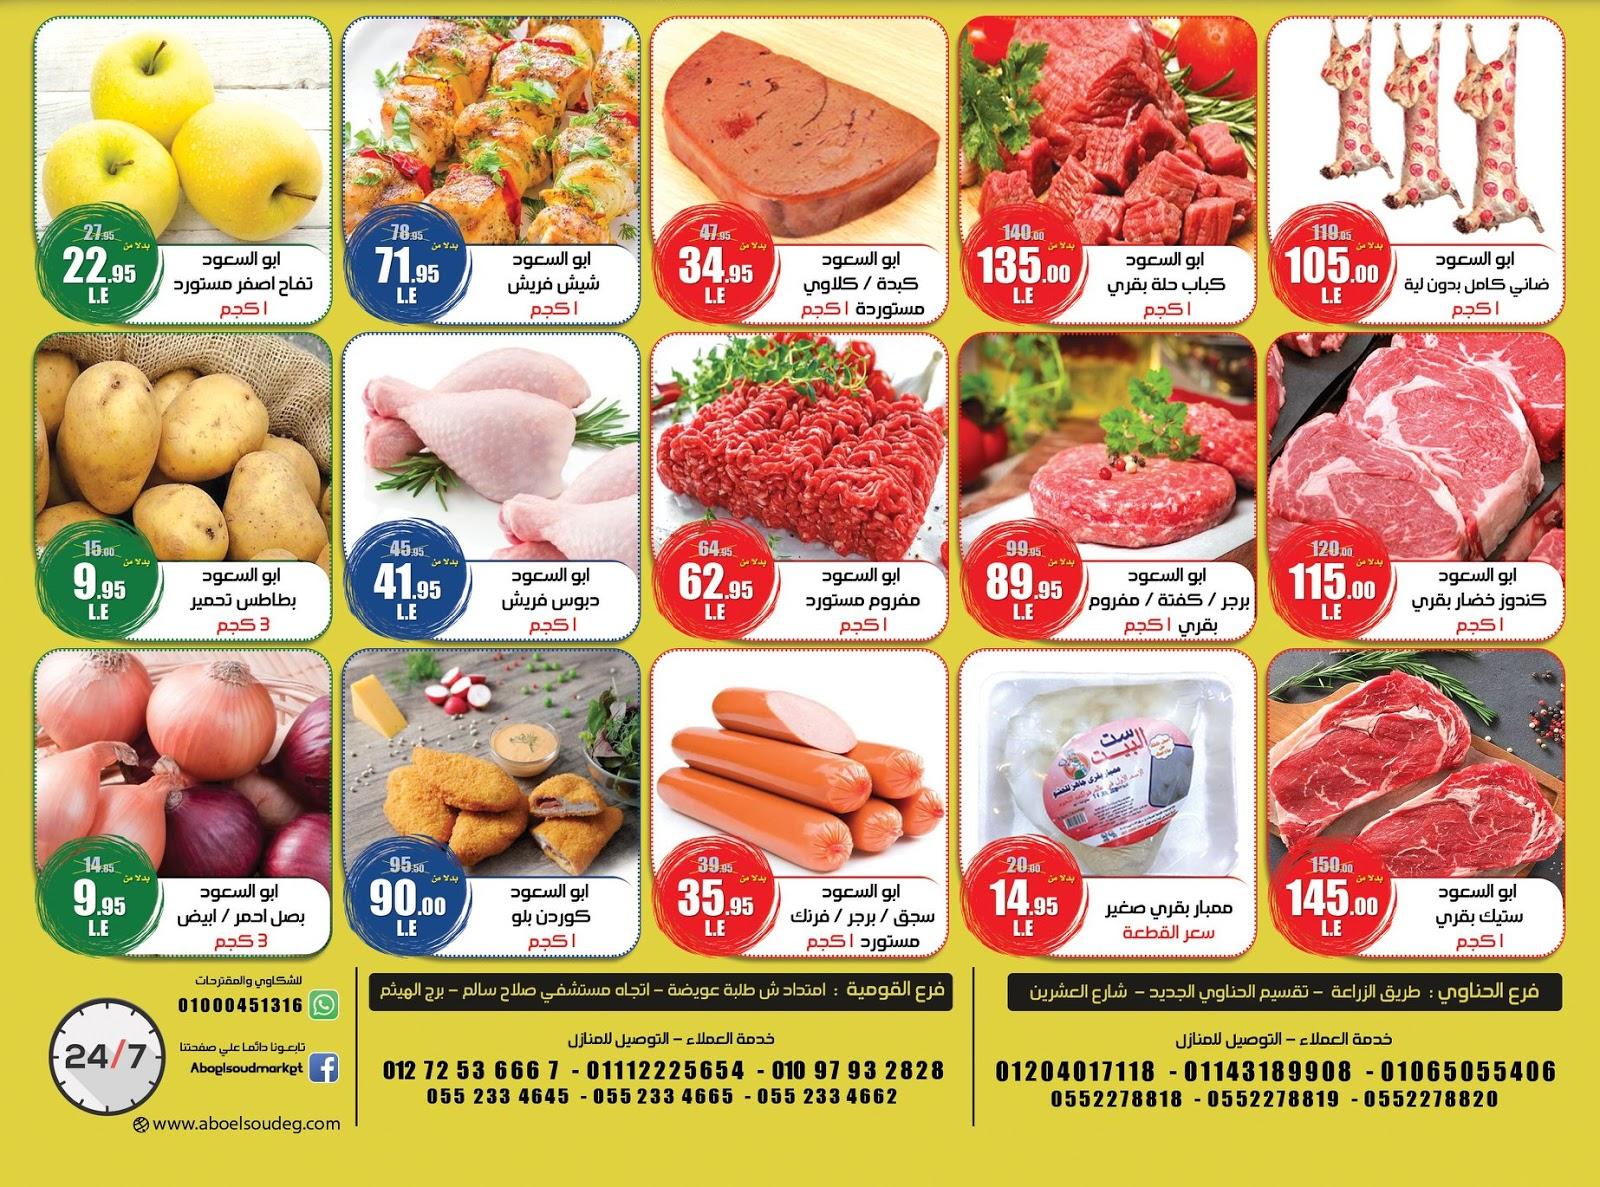 عروض ابو السعود هايبر ماركت الزقازيق من 11 يونيو حتى 29 يونيو 2020 غذاء صحى